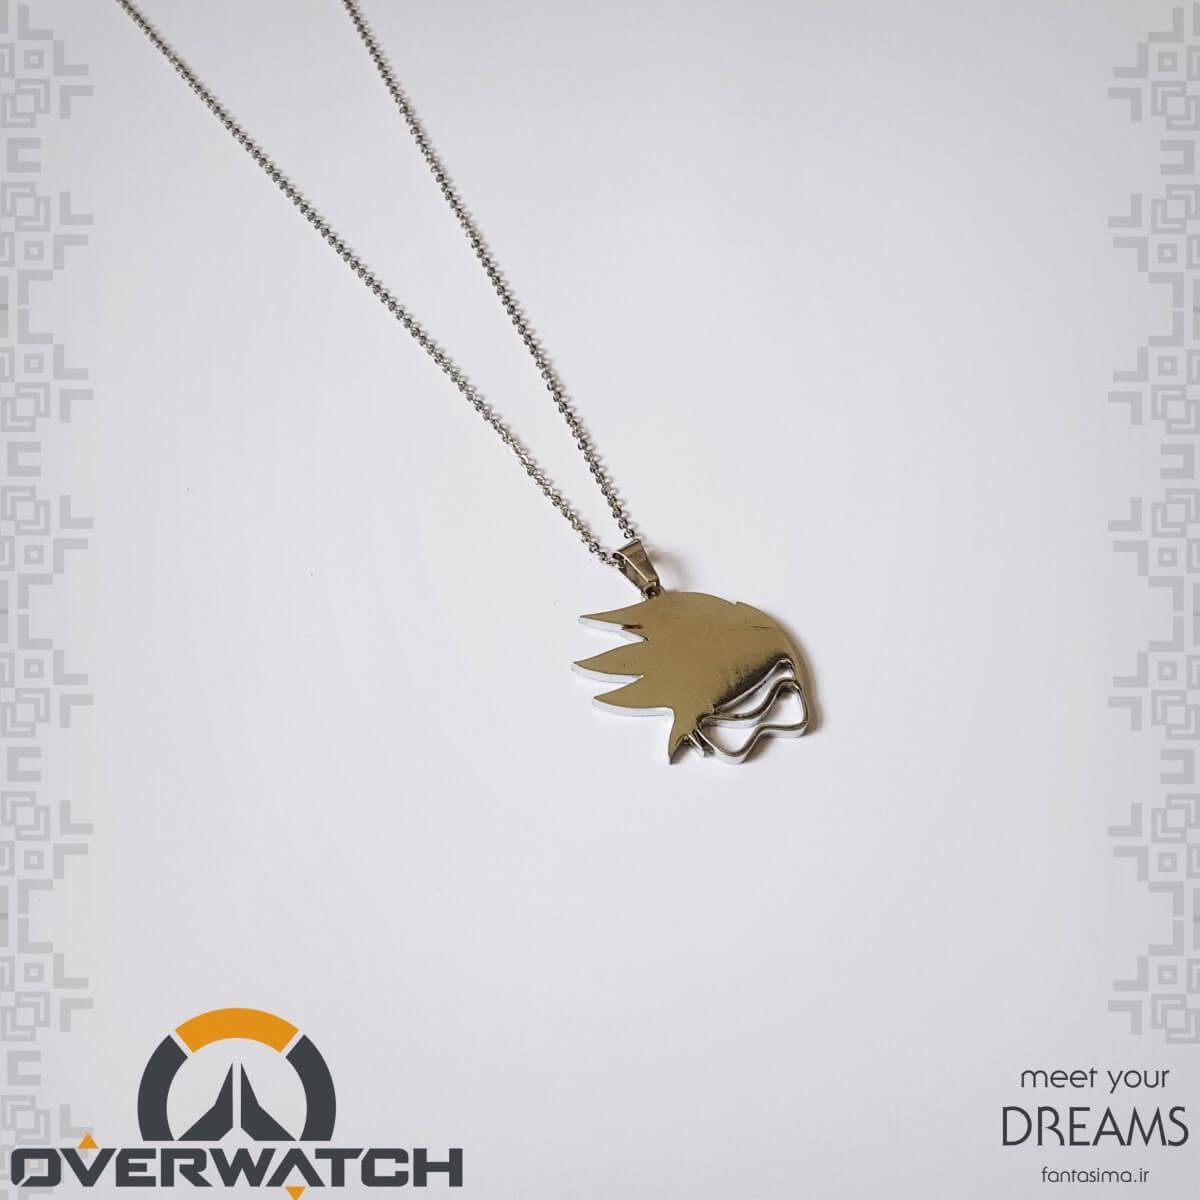 گردنبند نماد تریسر -اورواچ